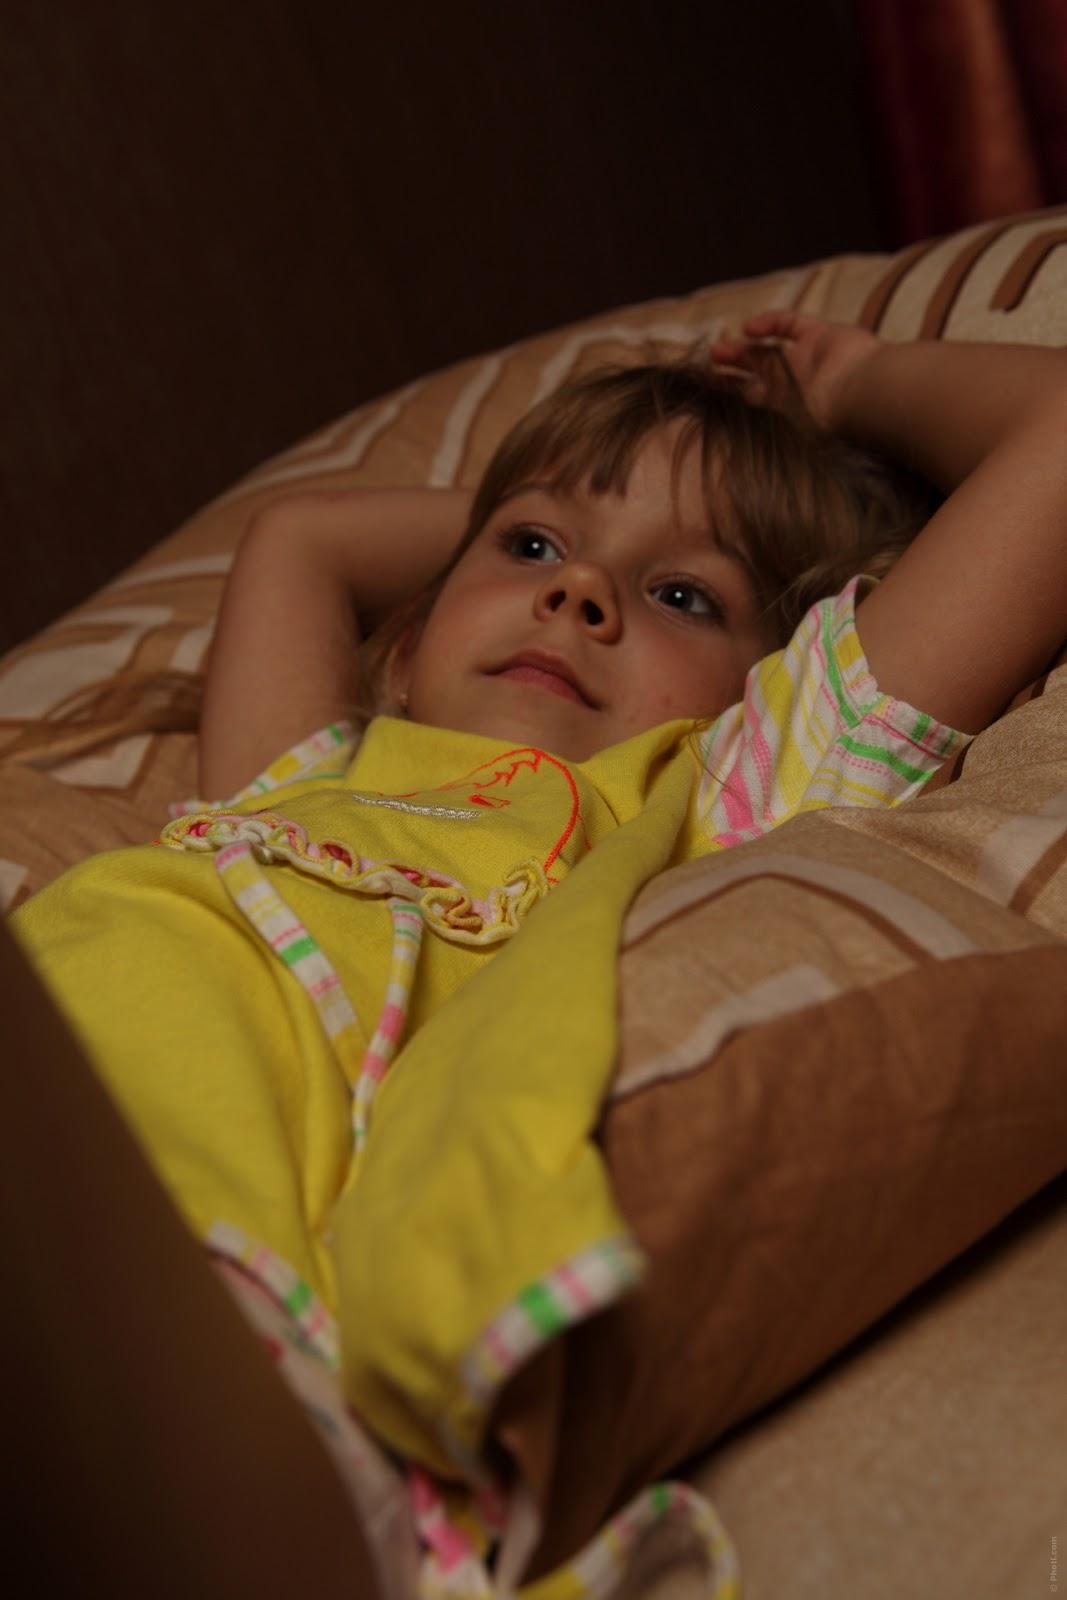 Centro De Orientaci N Familiar Tenerife Cof2000 A La Cama  ~ Orientacion De La Cama Para Dormir